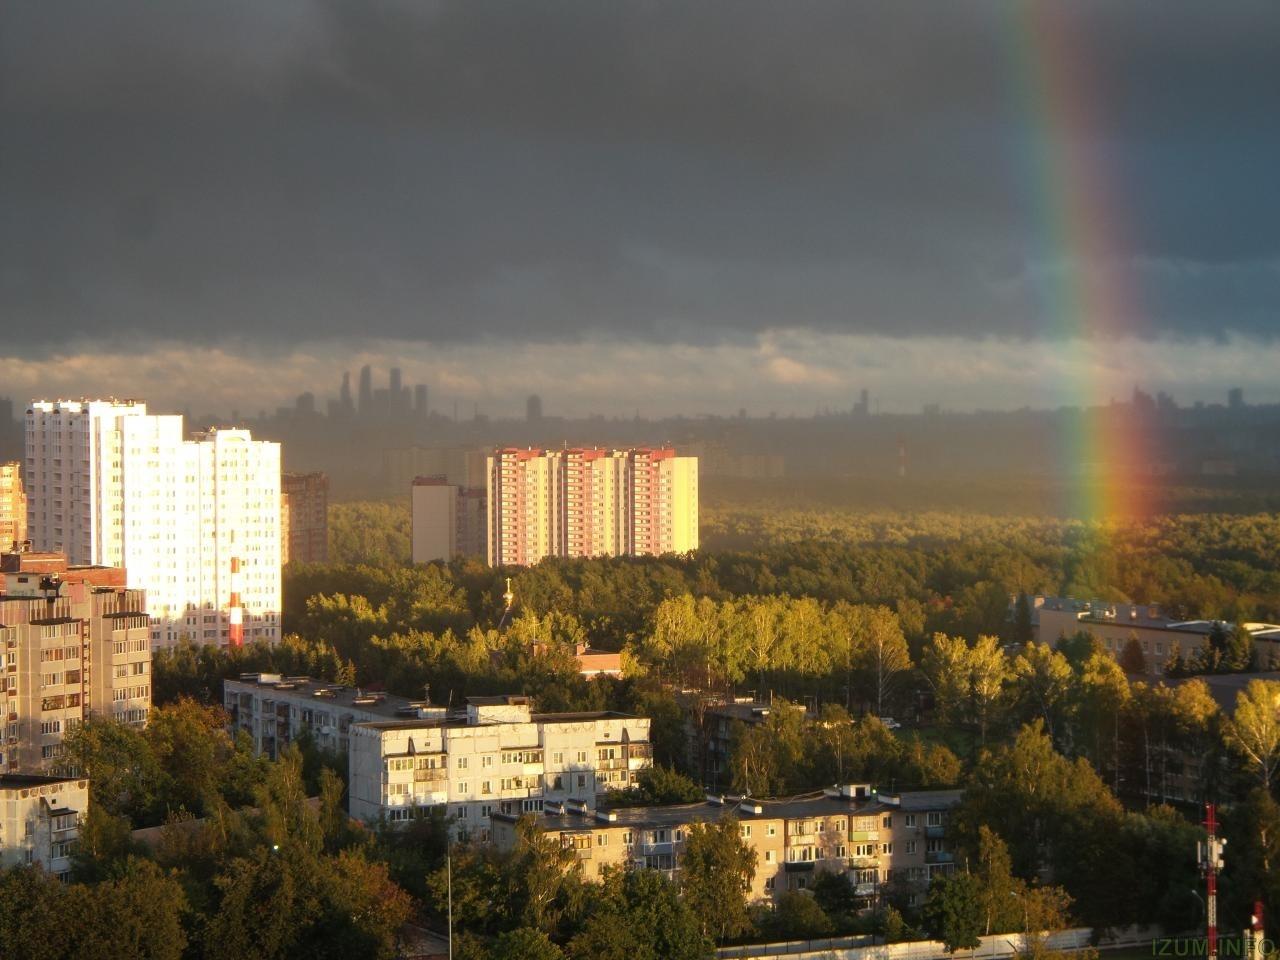 Изумрудные холмы радуга (1).jpg